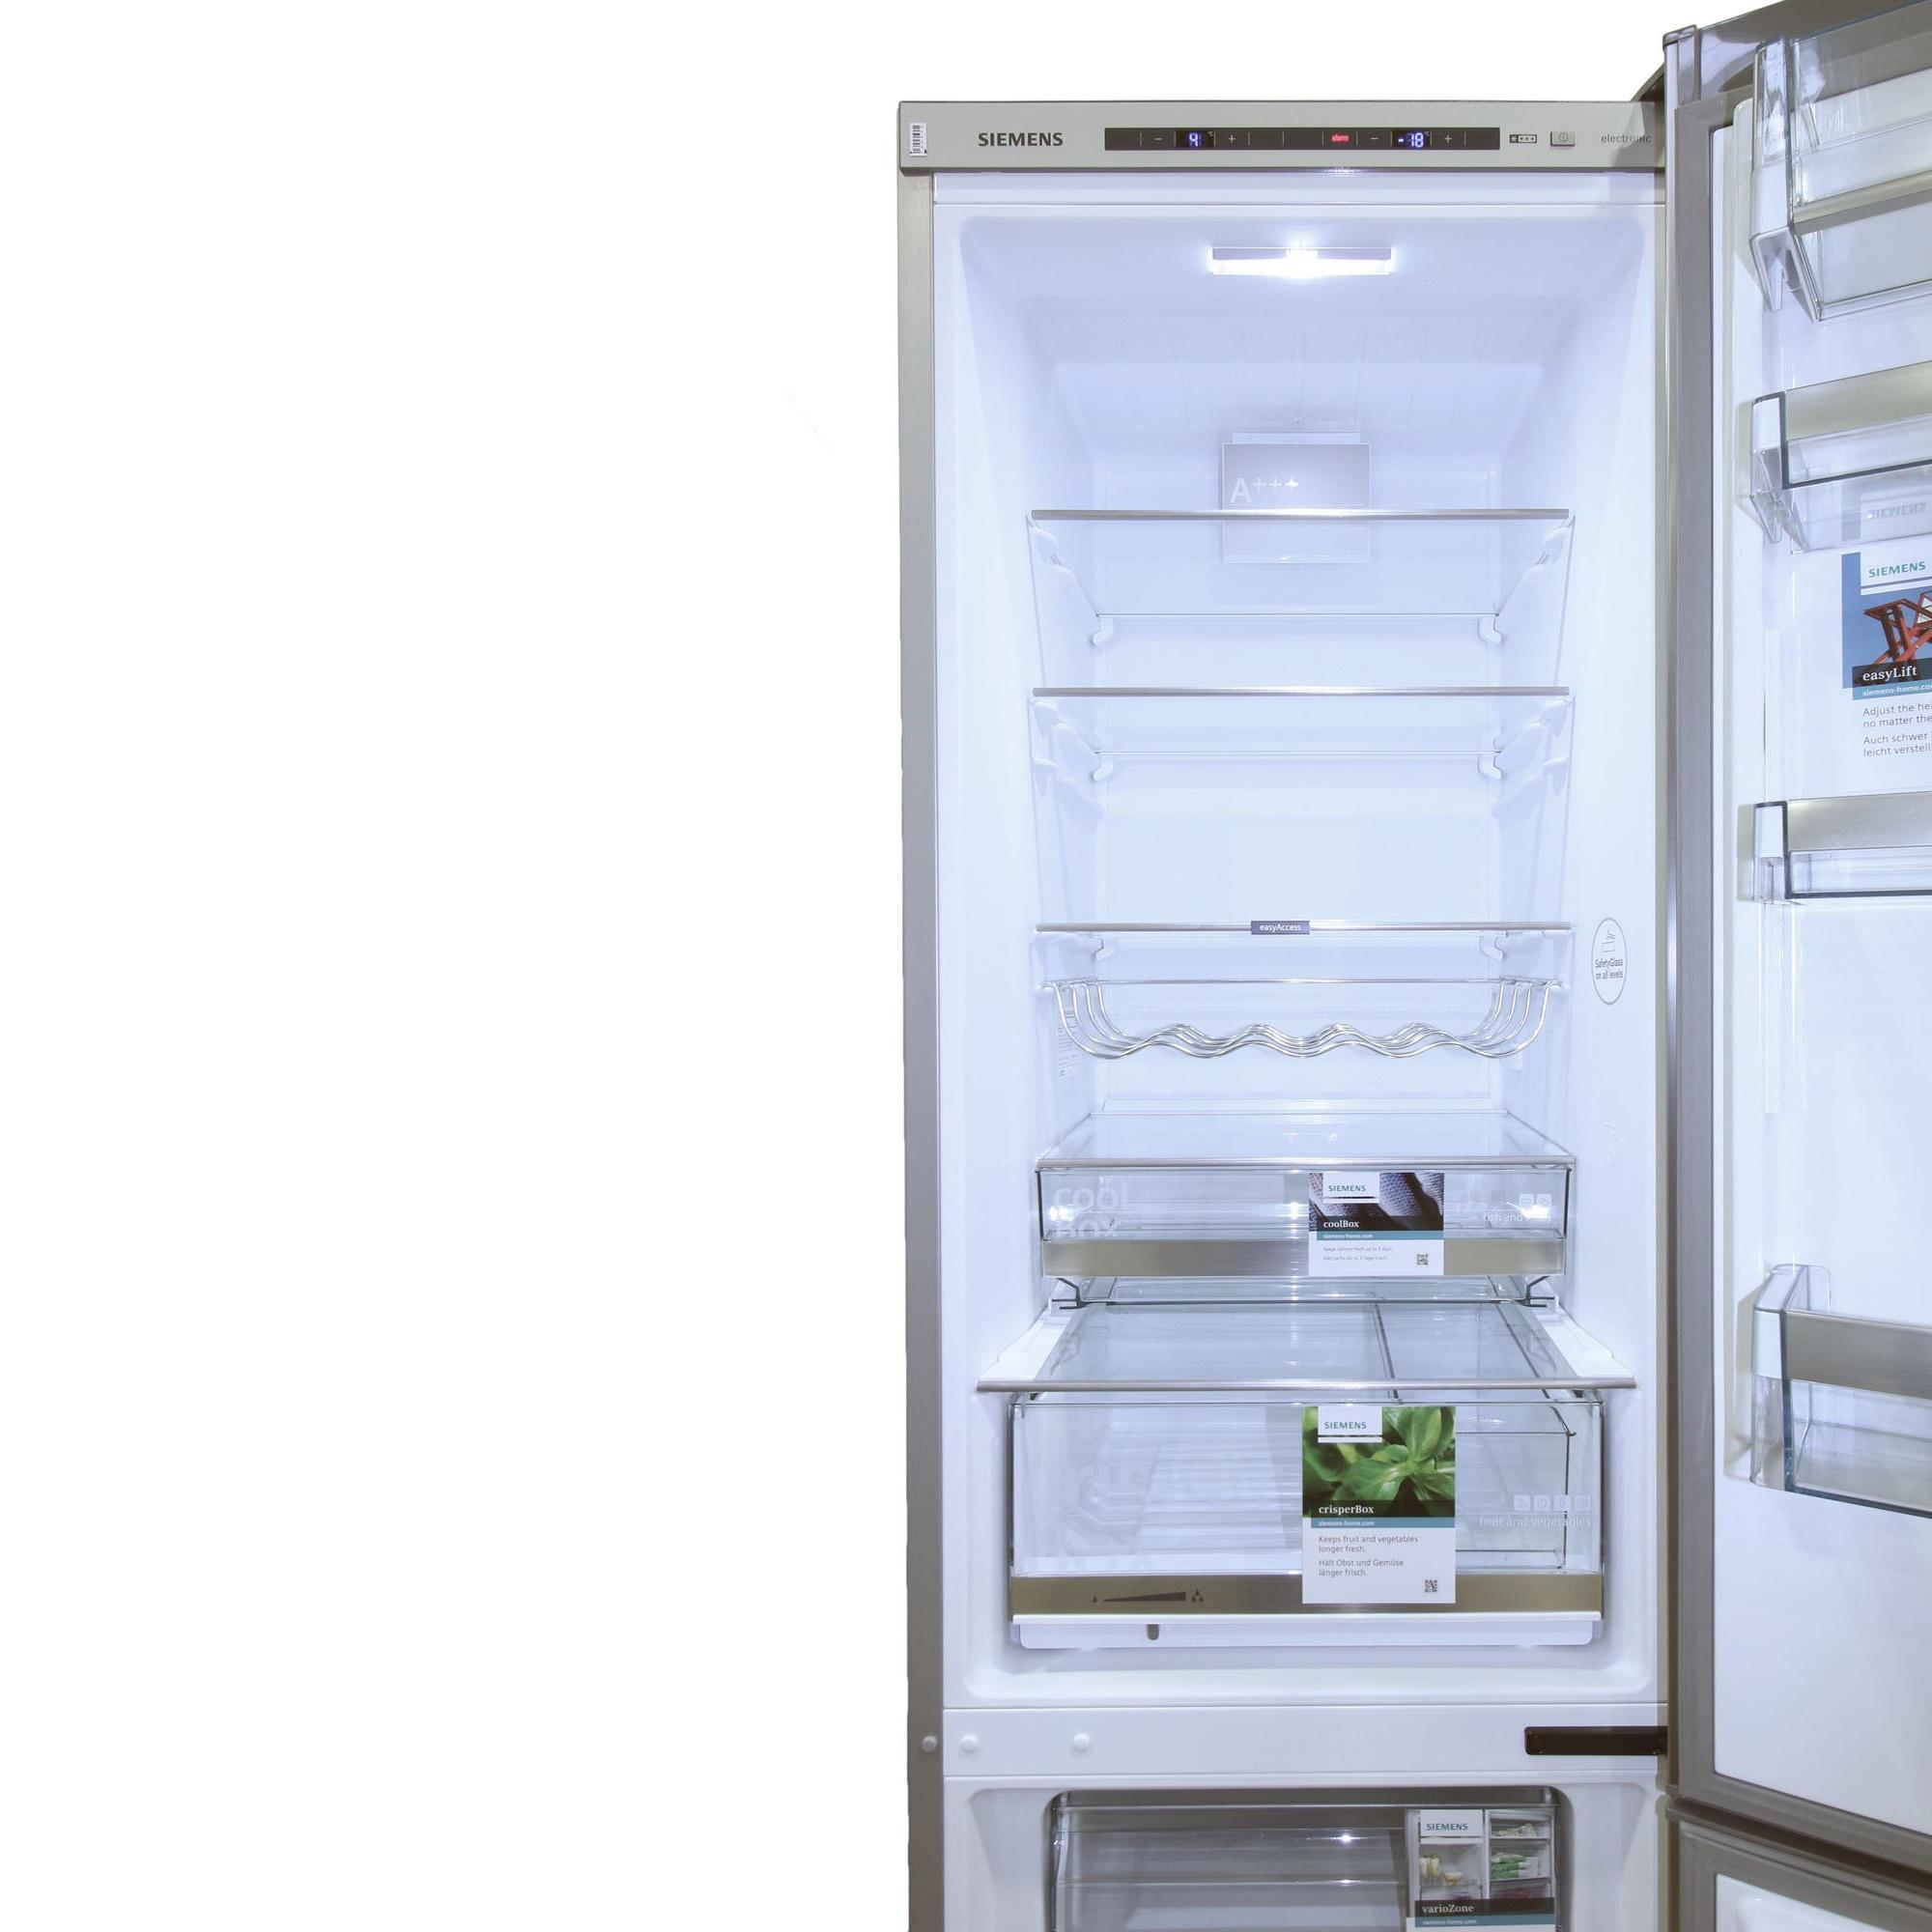 siemens kg36vvl32 iq300 lednice s mraz kem. Black Bedroom Furniture Sets. Home Design Ideas